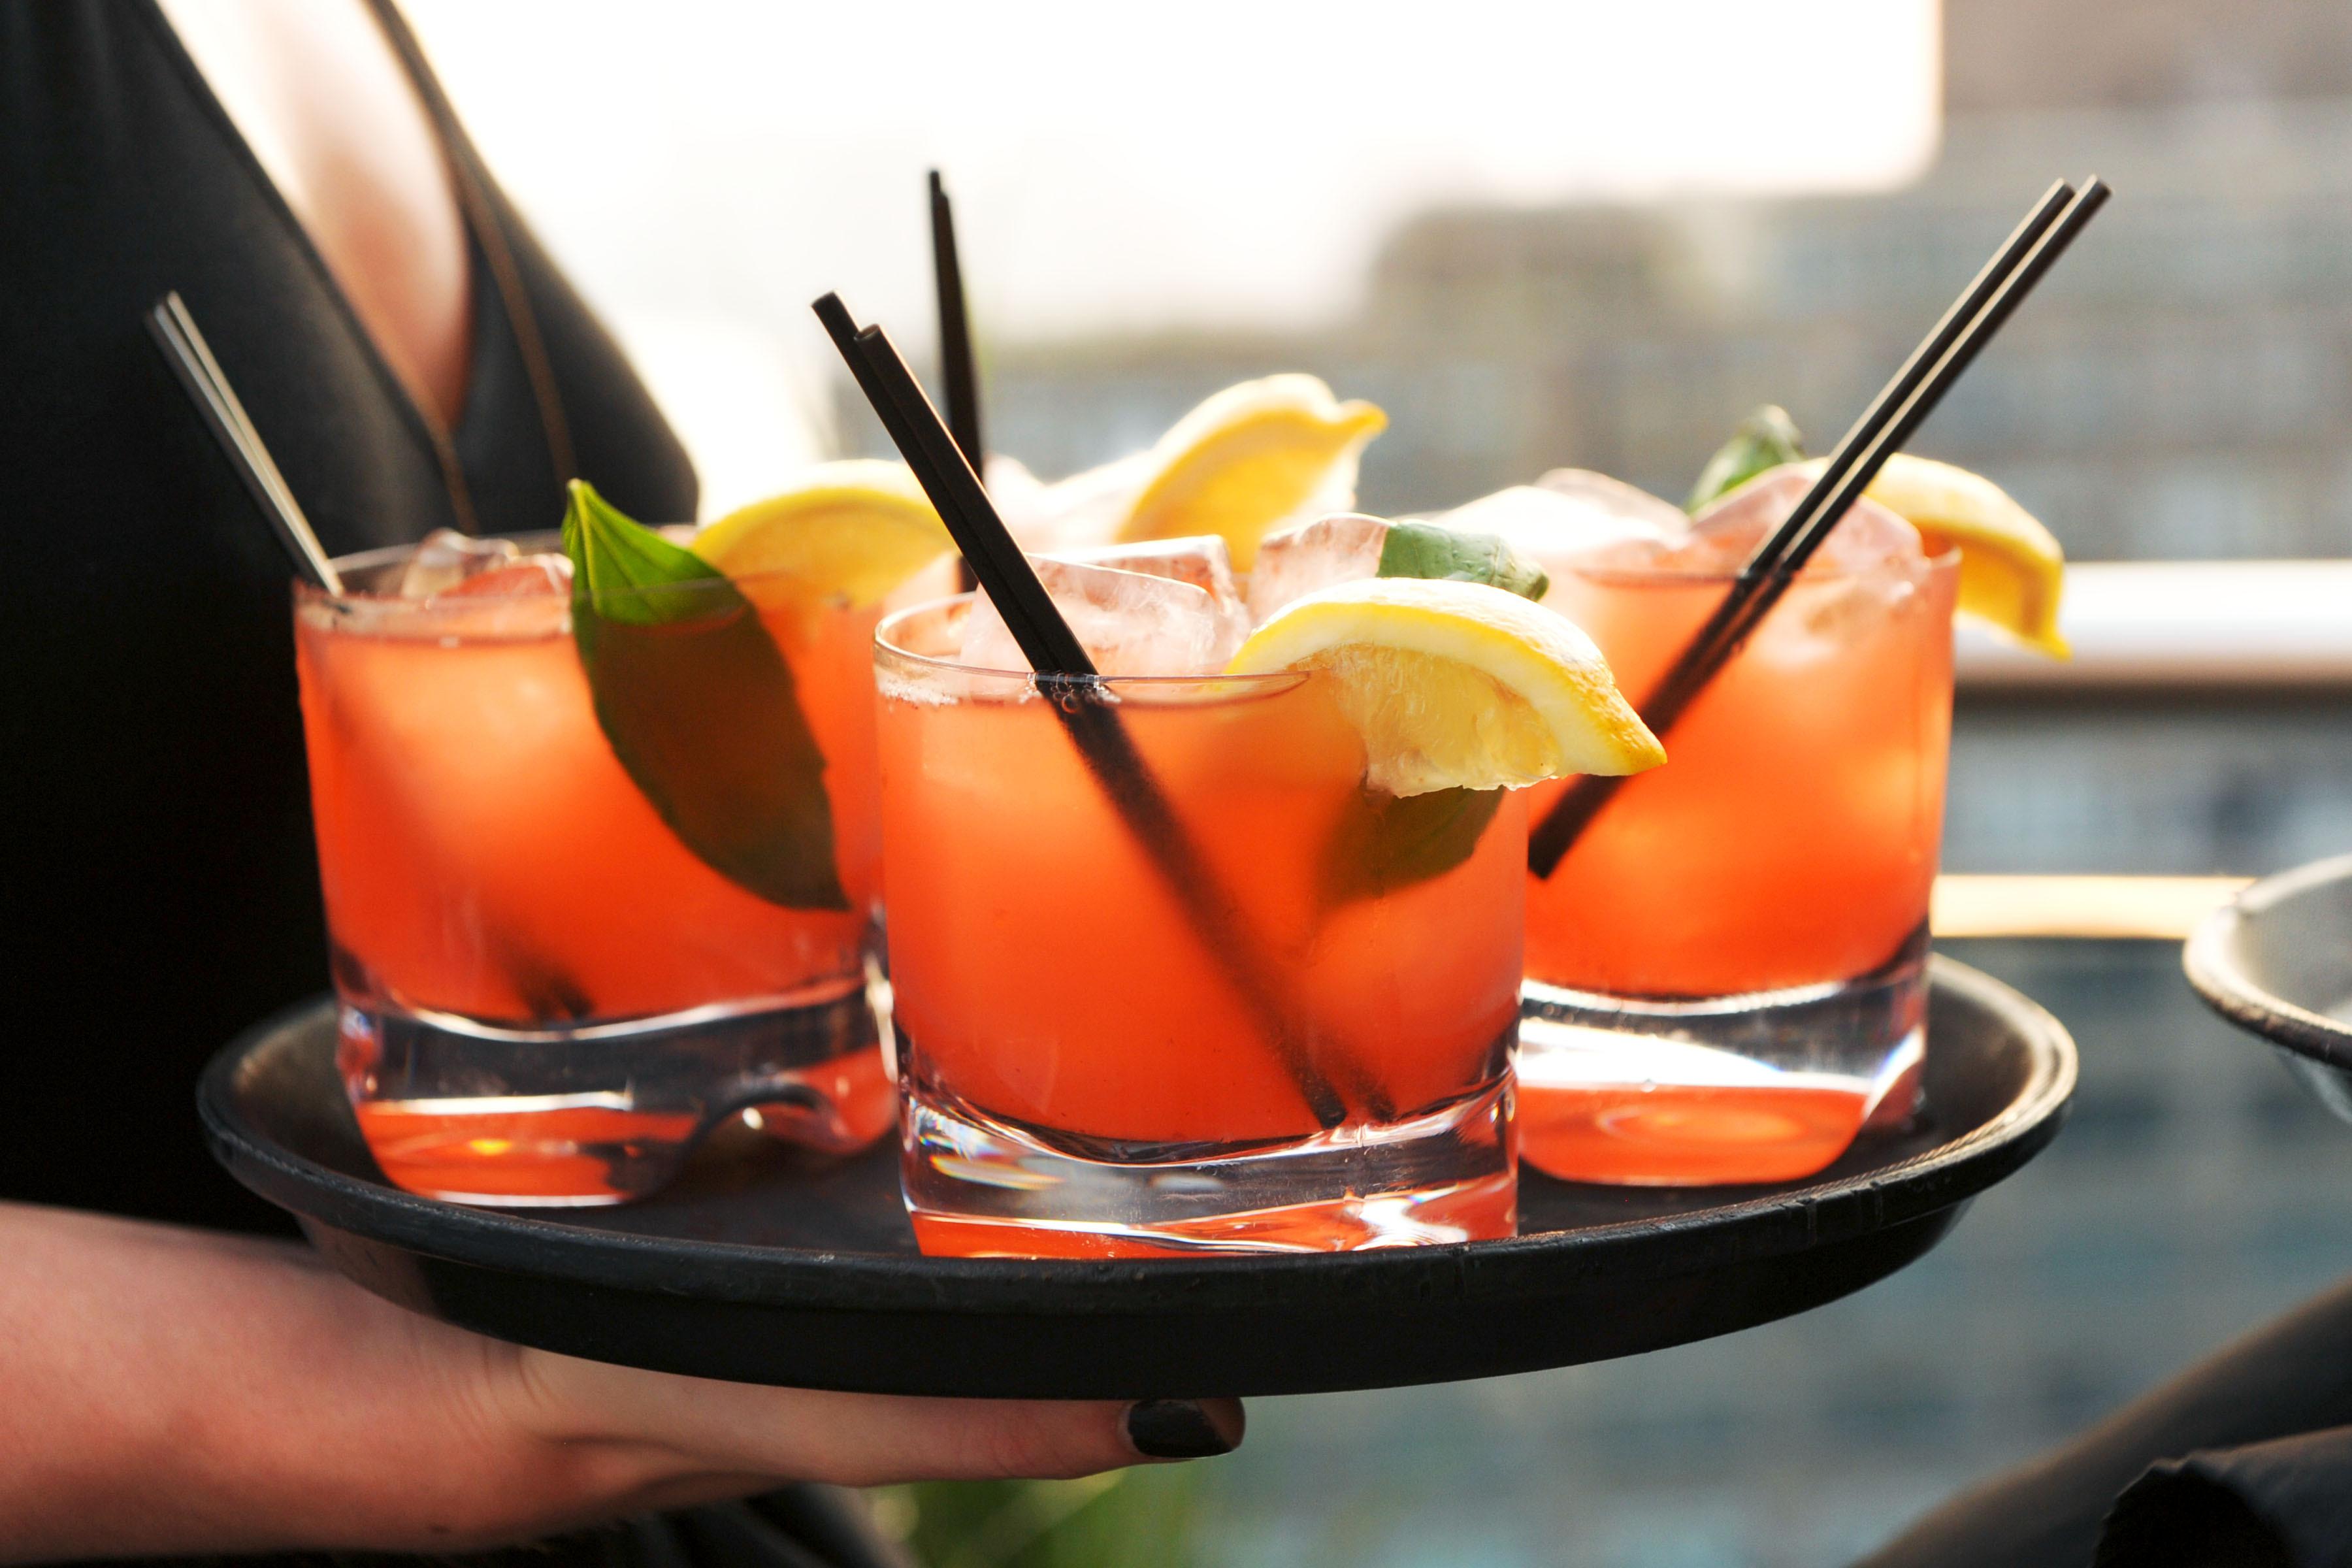 Summer Drinks With Vodka  Stolichnaya Premium Vodka intros Stoli Hot & Stoli Sticki